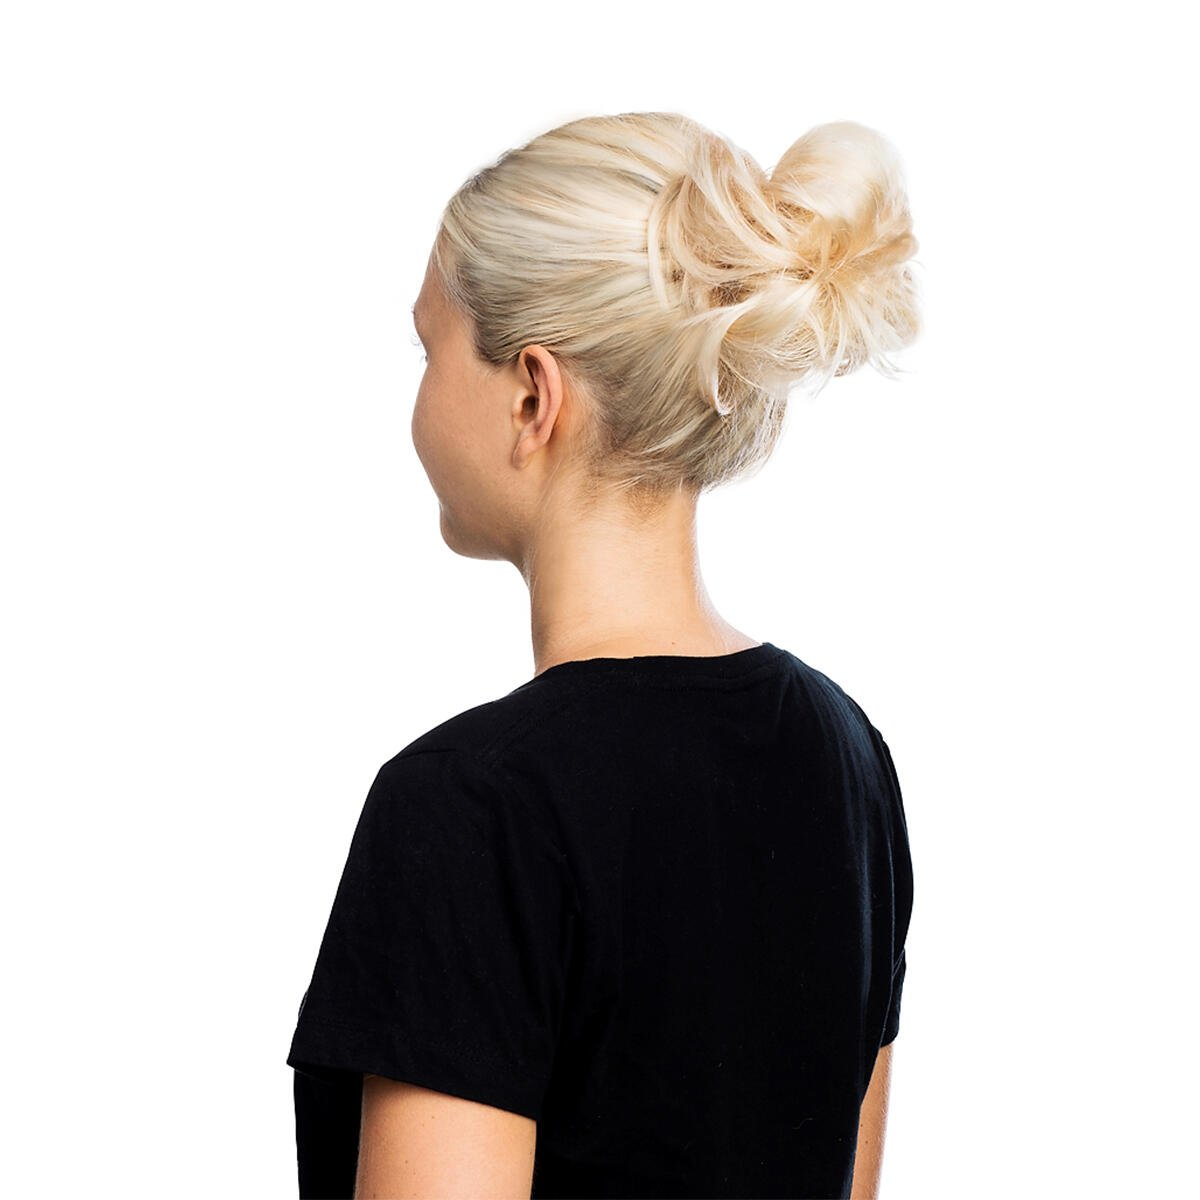 Volume Hair Scrunchie 40 G Scrunchie with real hair M7.4/8.0 Summer Blonde Mix